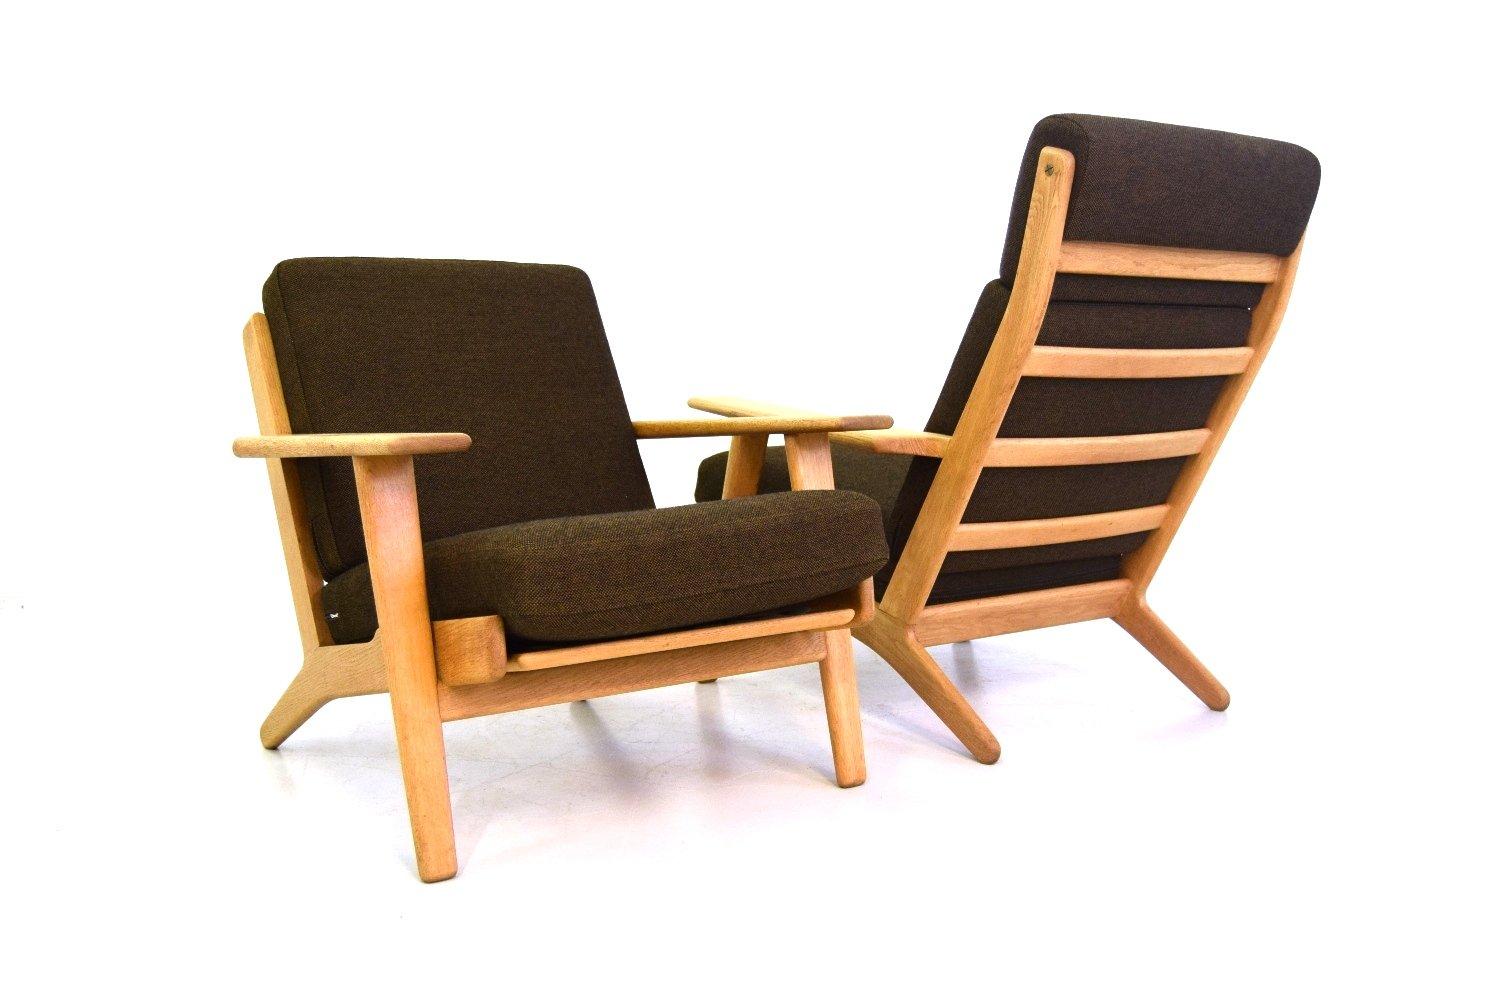 ge 290 hoher sessel von hans j wegner f r getama 1950er. Black Bedroom Furniture Sets. Home Design Ideas